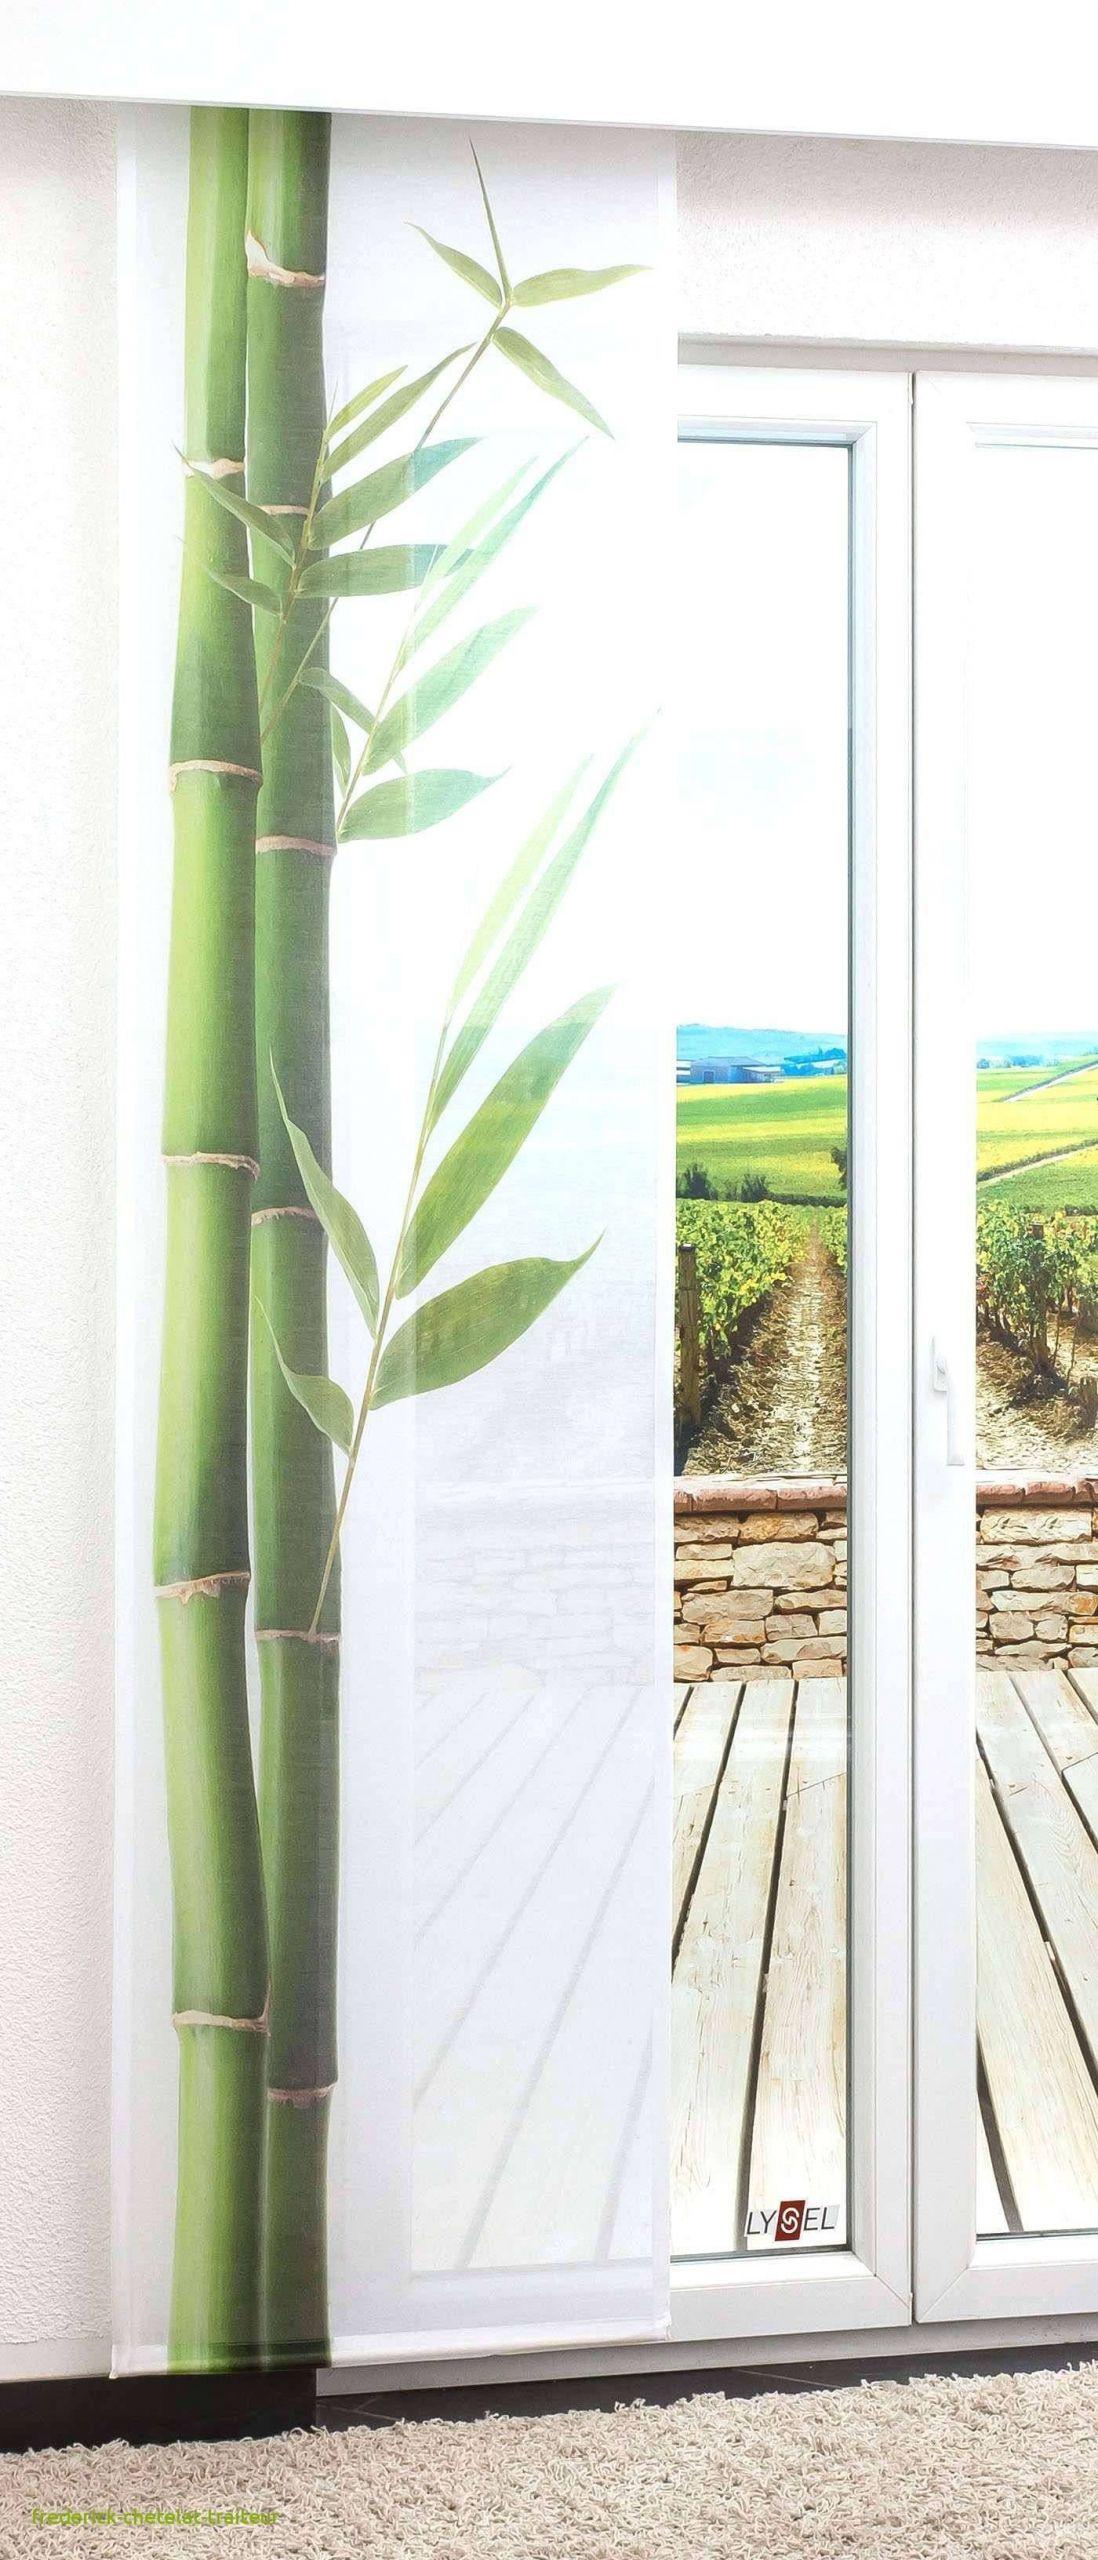 deko fur wohnzimmer ecken new 48 inspirierend schone gartenideen pic of deko fur wohnzimmer ecken